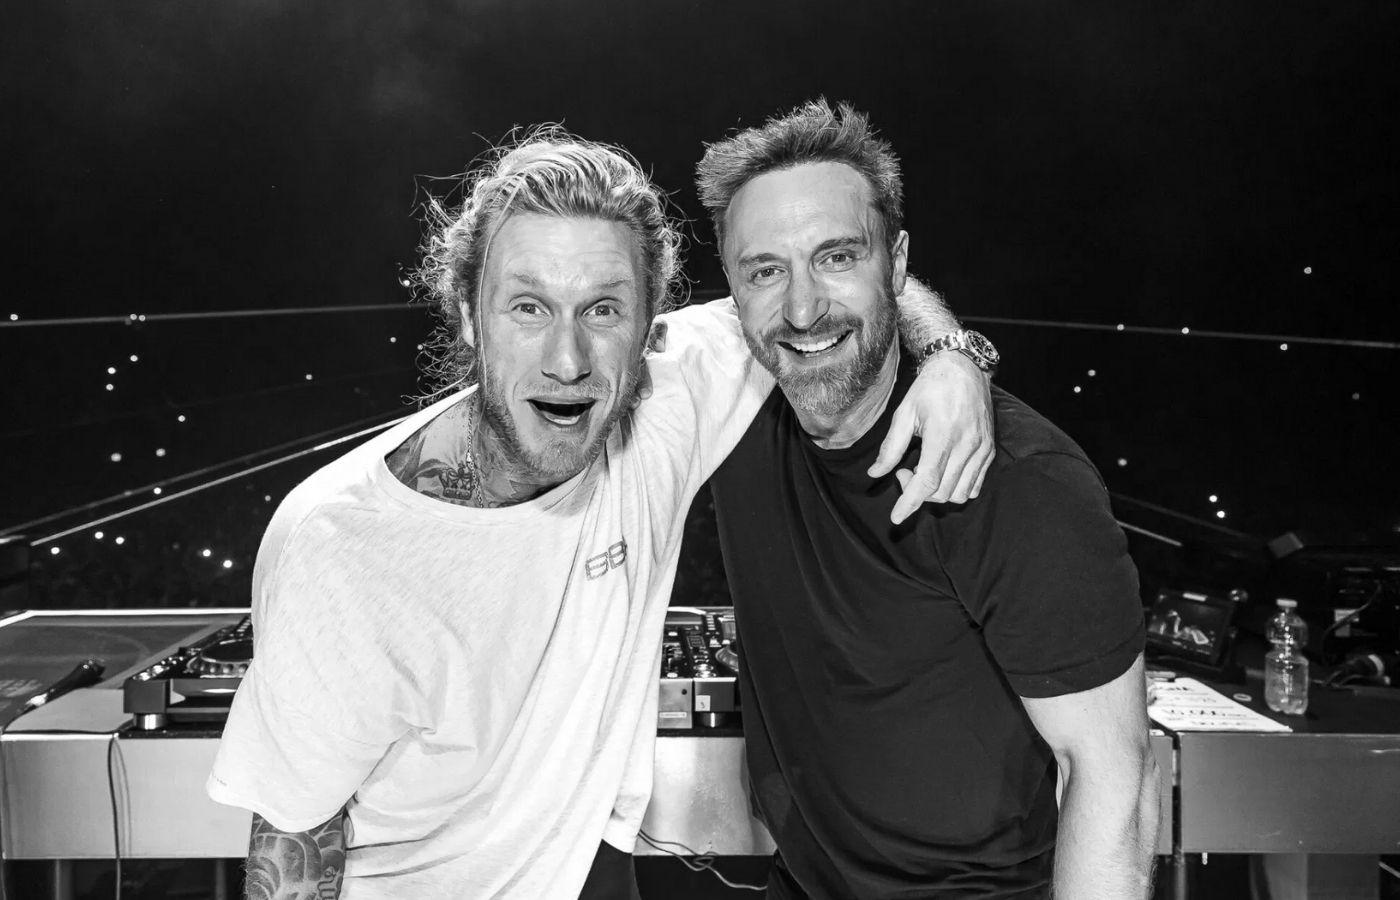 David Guetta y Morten lanzan nuevo track junto a John Martin